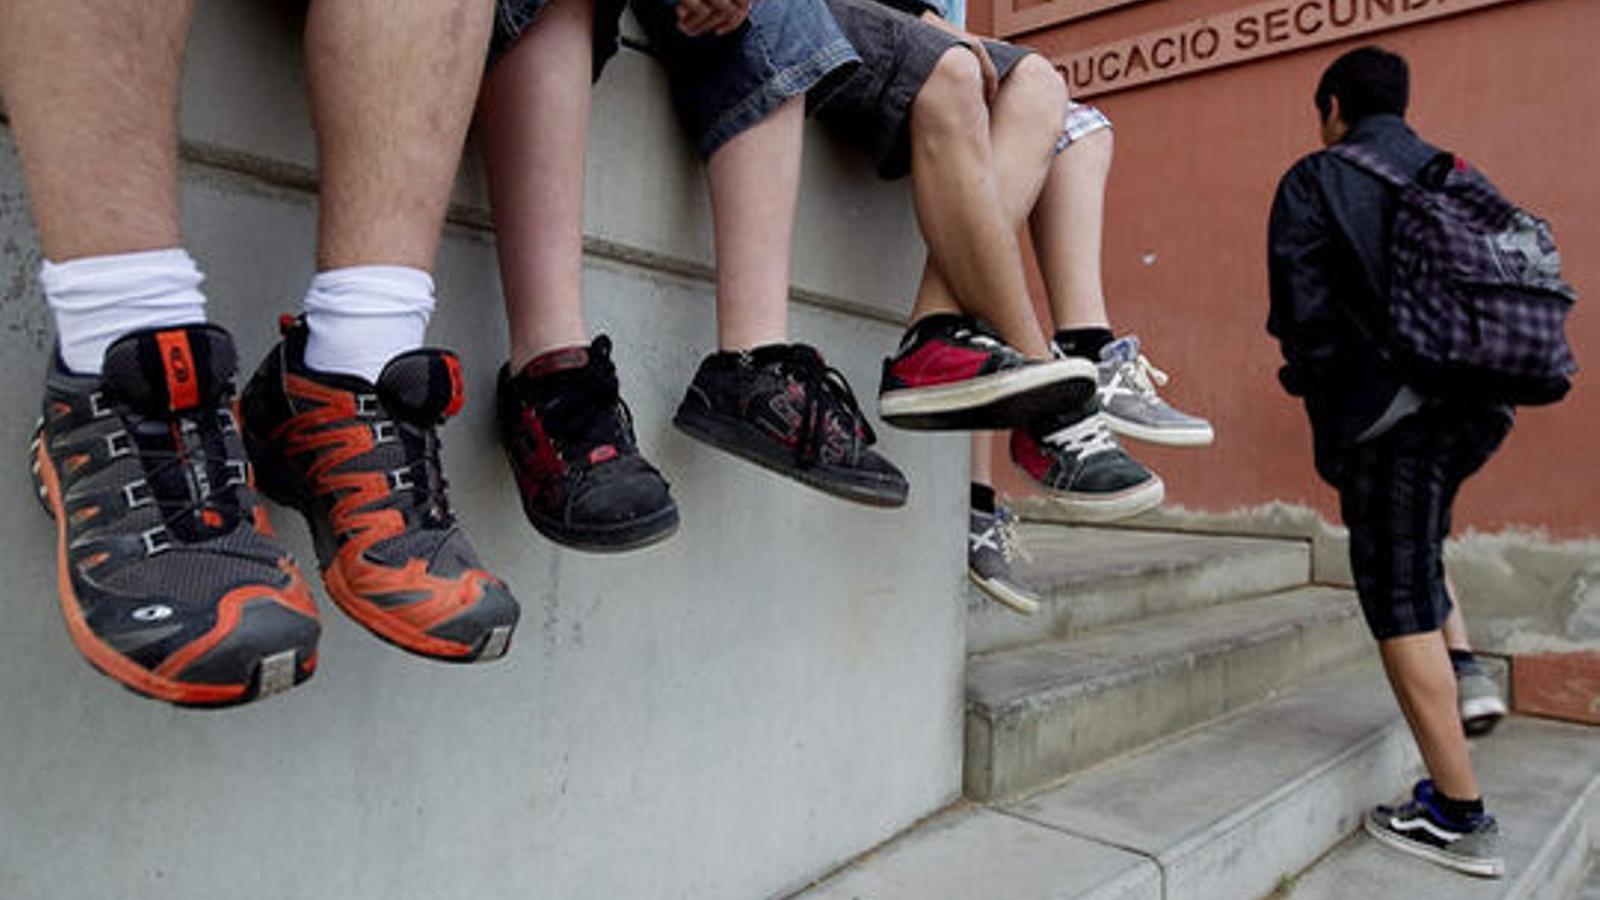 Un grup de joves en un institut de secundària, en una imatge d'arxiu.